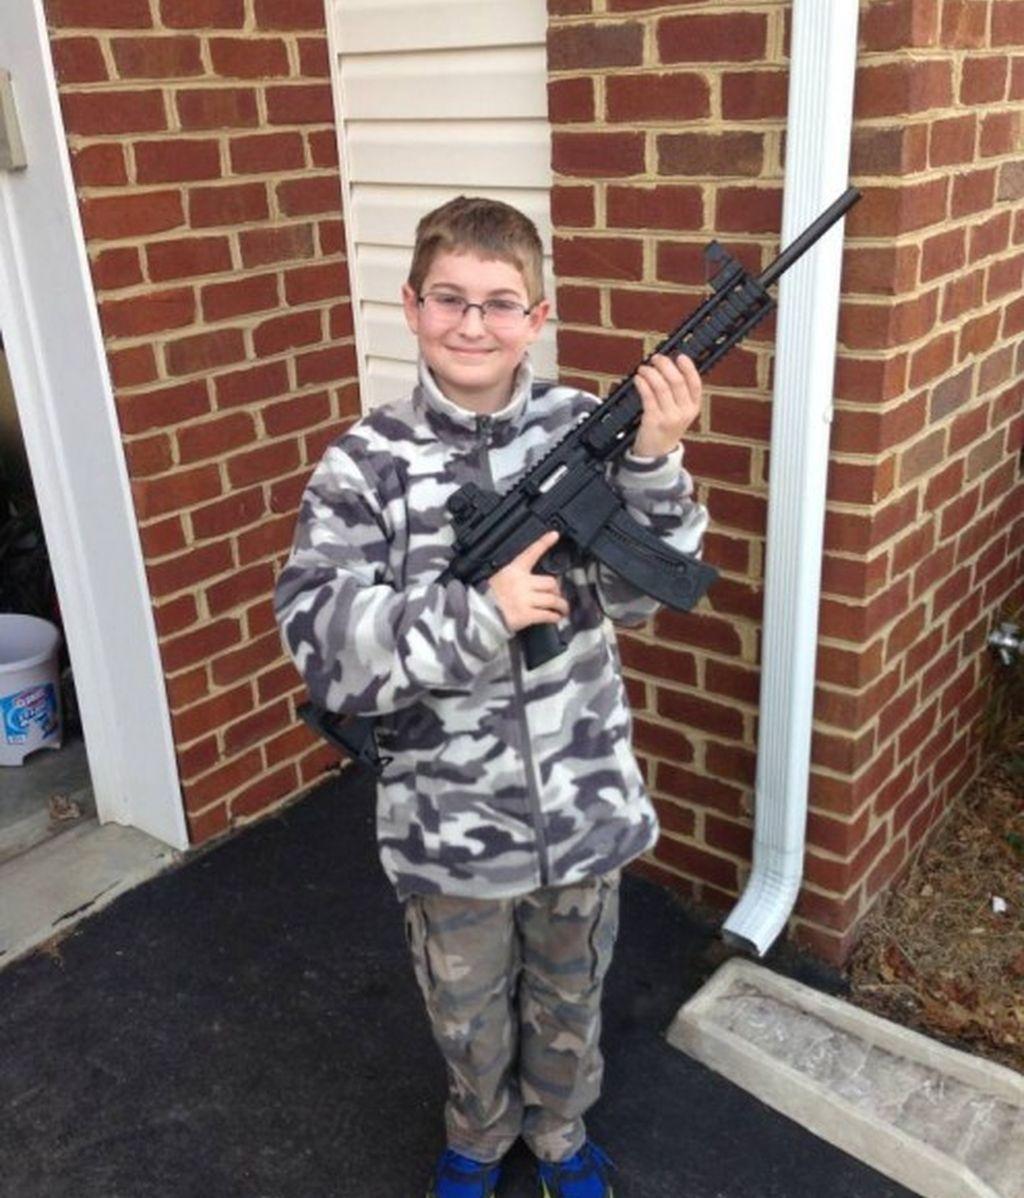 Un niño armado y vestido de camuflaje desata la alarma en Facebook